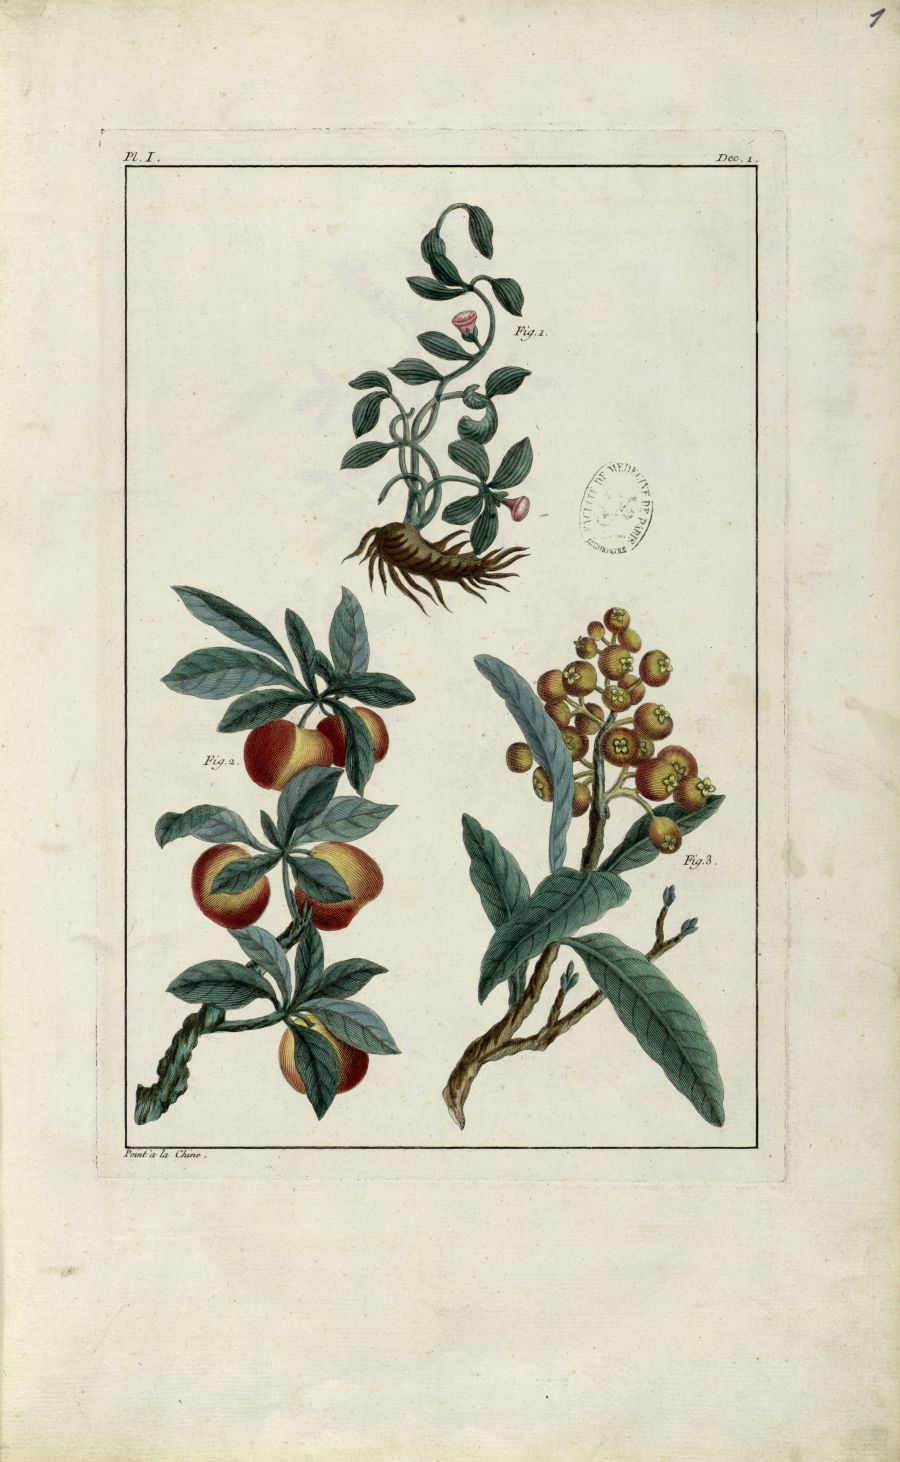 Planche I - Herbier ou collection des plantes médicinales de la Chine d'après un manuscrit peint et  [...] - Botanique. Plantes (médecine). Chine. 18e siècle - med01989x0004